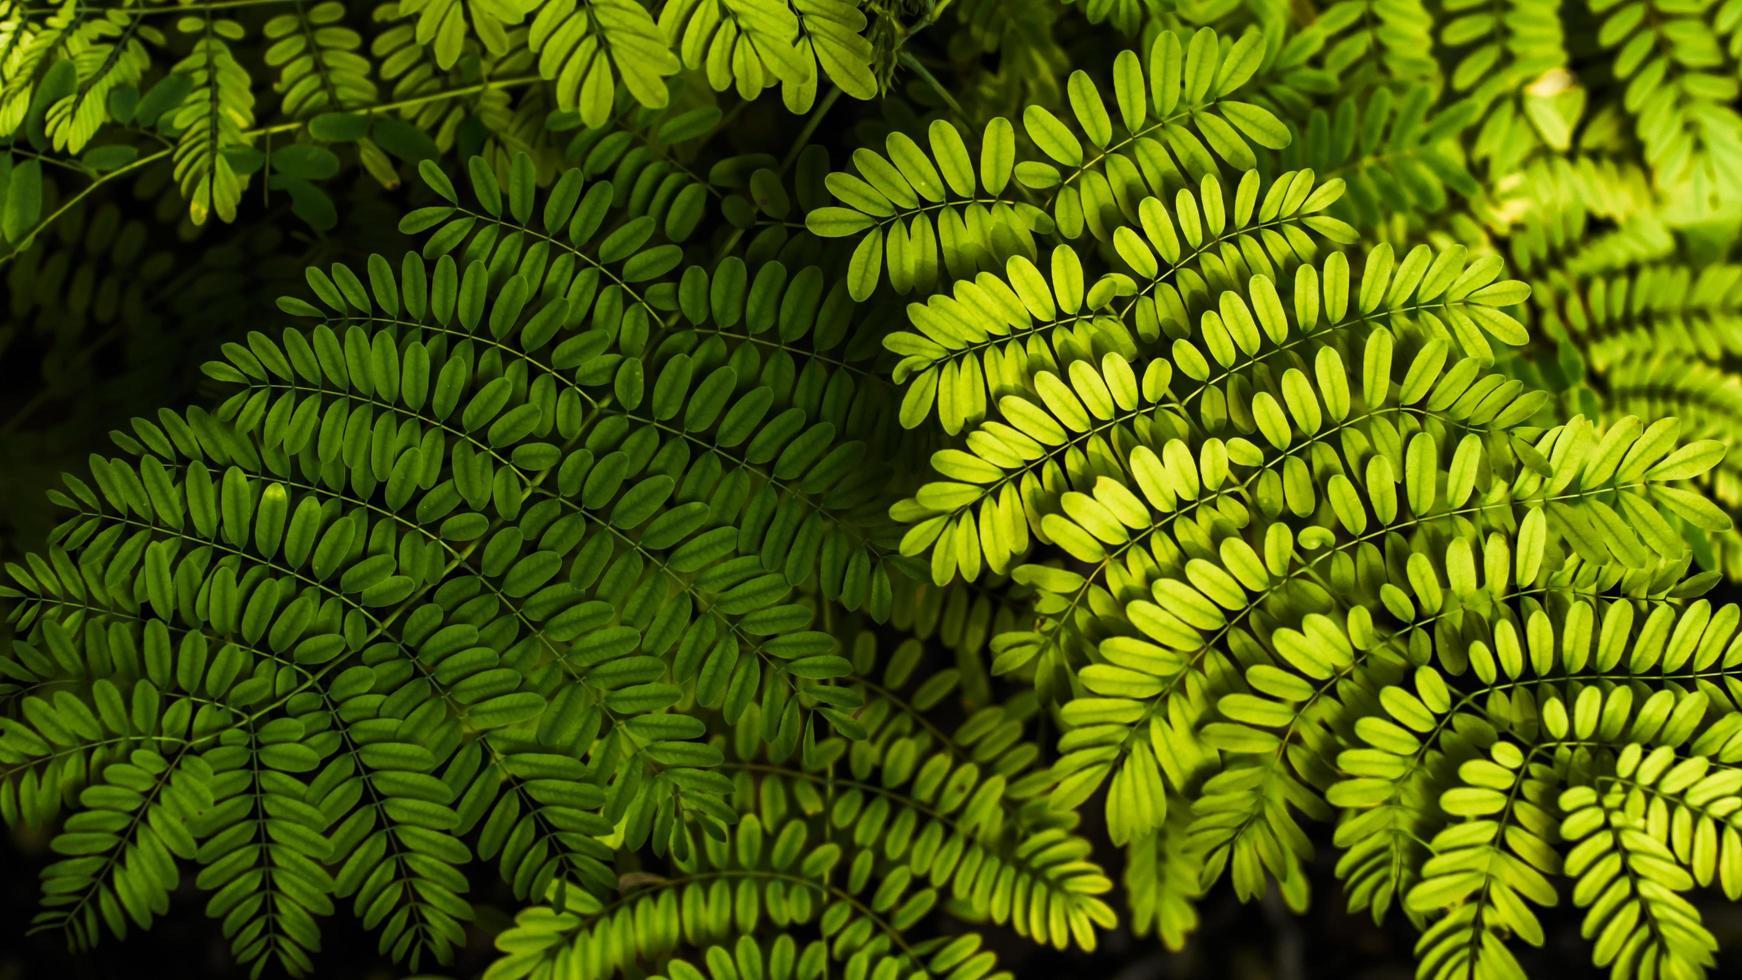 Soft focus fern leaf background photo